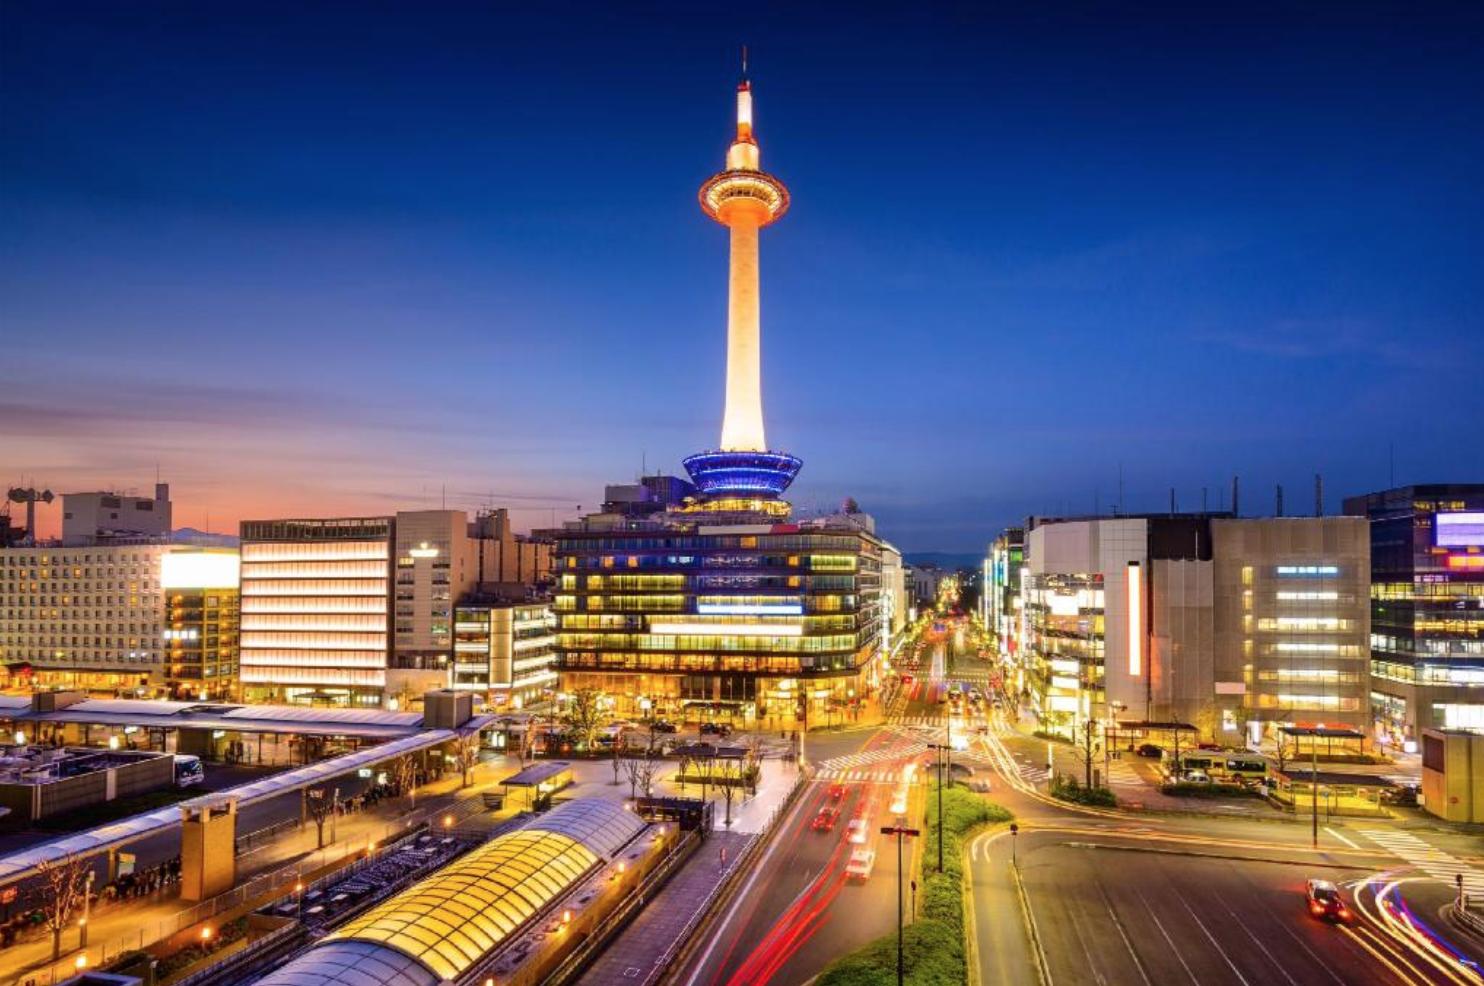 อโกด้า ลดหนักมาก! ส่วนลดกว่า 80% สำหรับที่พักในโตเกียว จองกับ Agoda เท่านั้น!